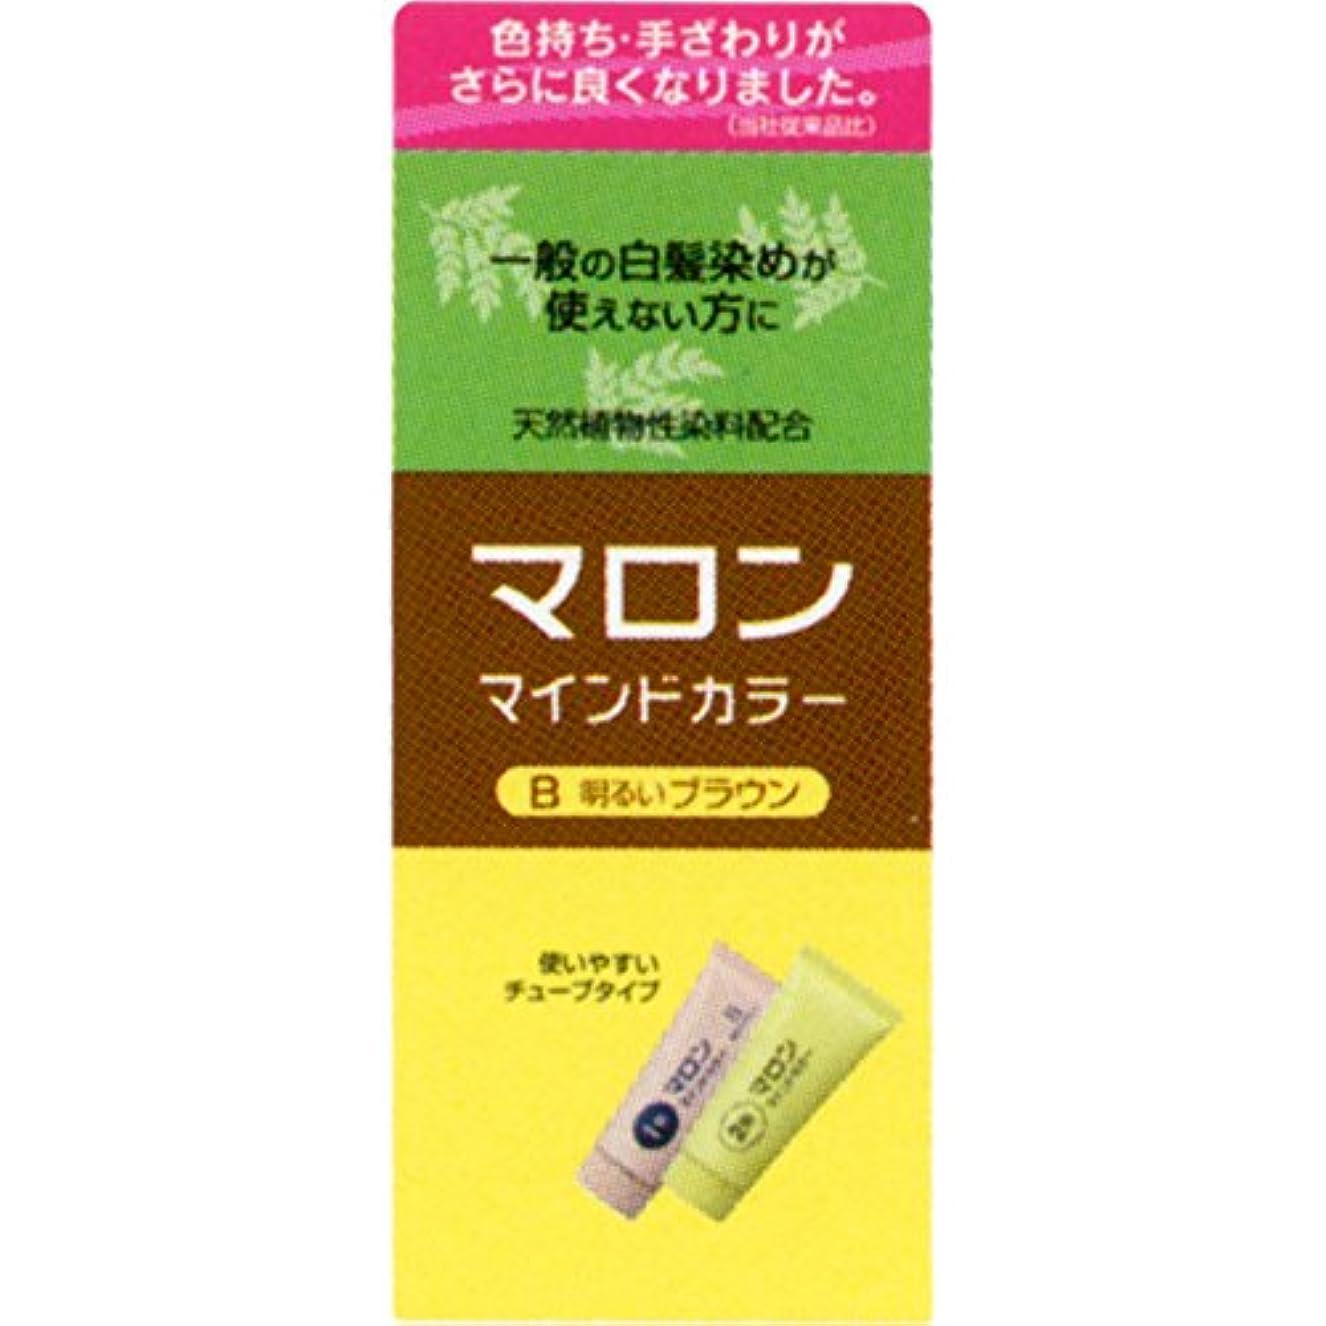 消化器アフリカ人嫌なヘンケルライオンコスメティックス マロン マインドカラー B 明るいブラウン 70G+70G (医薬部外品)